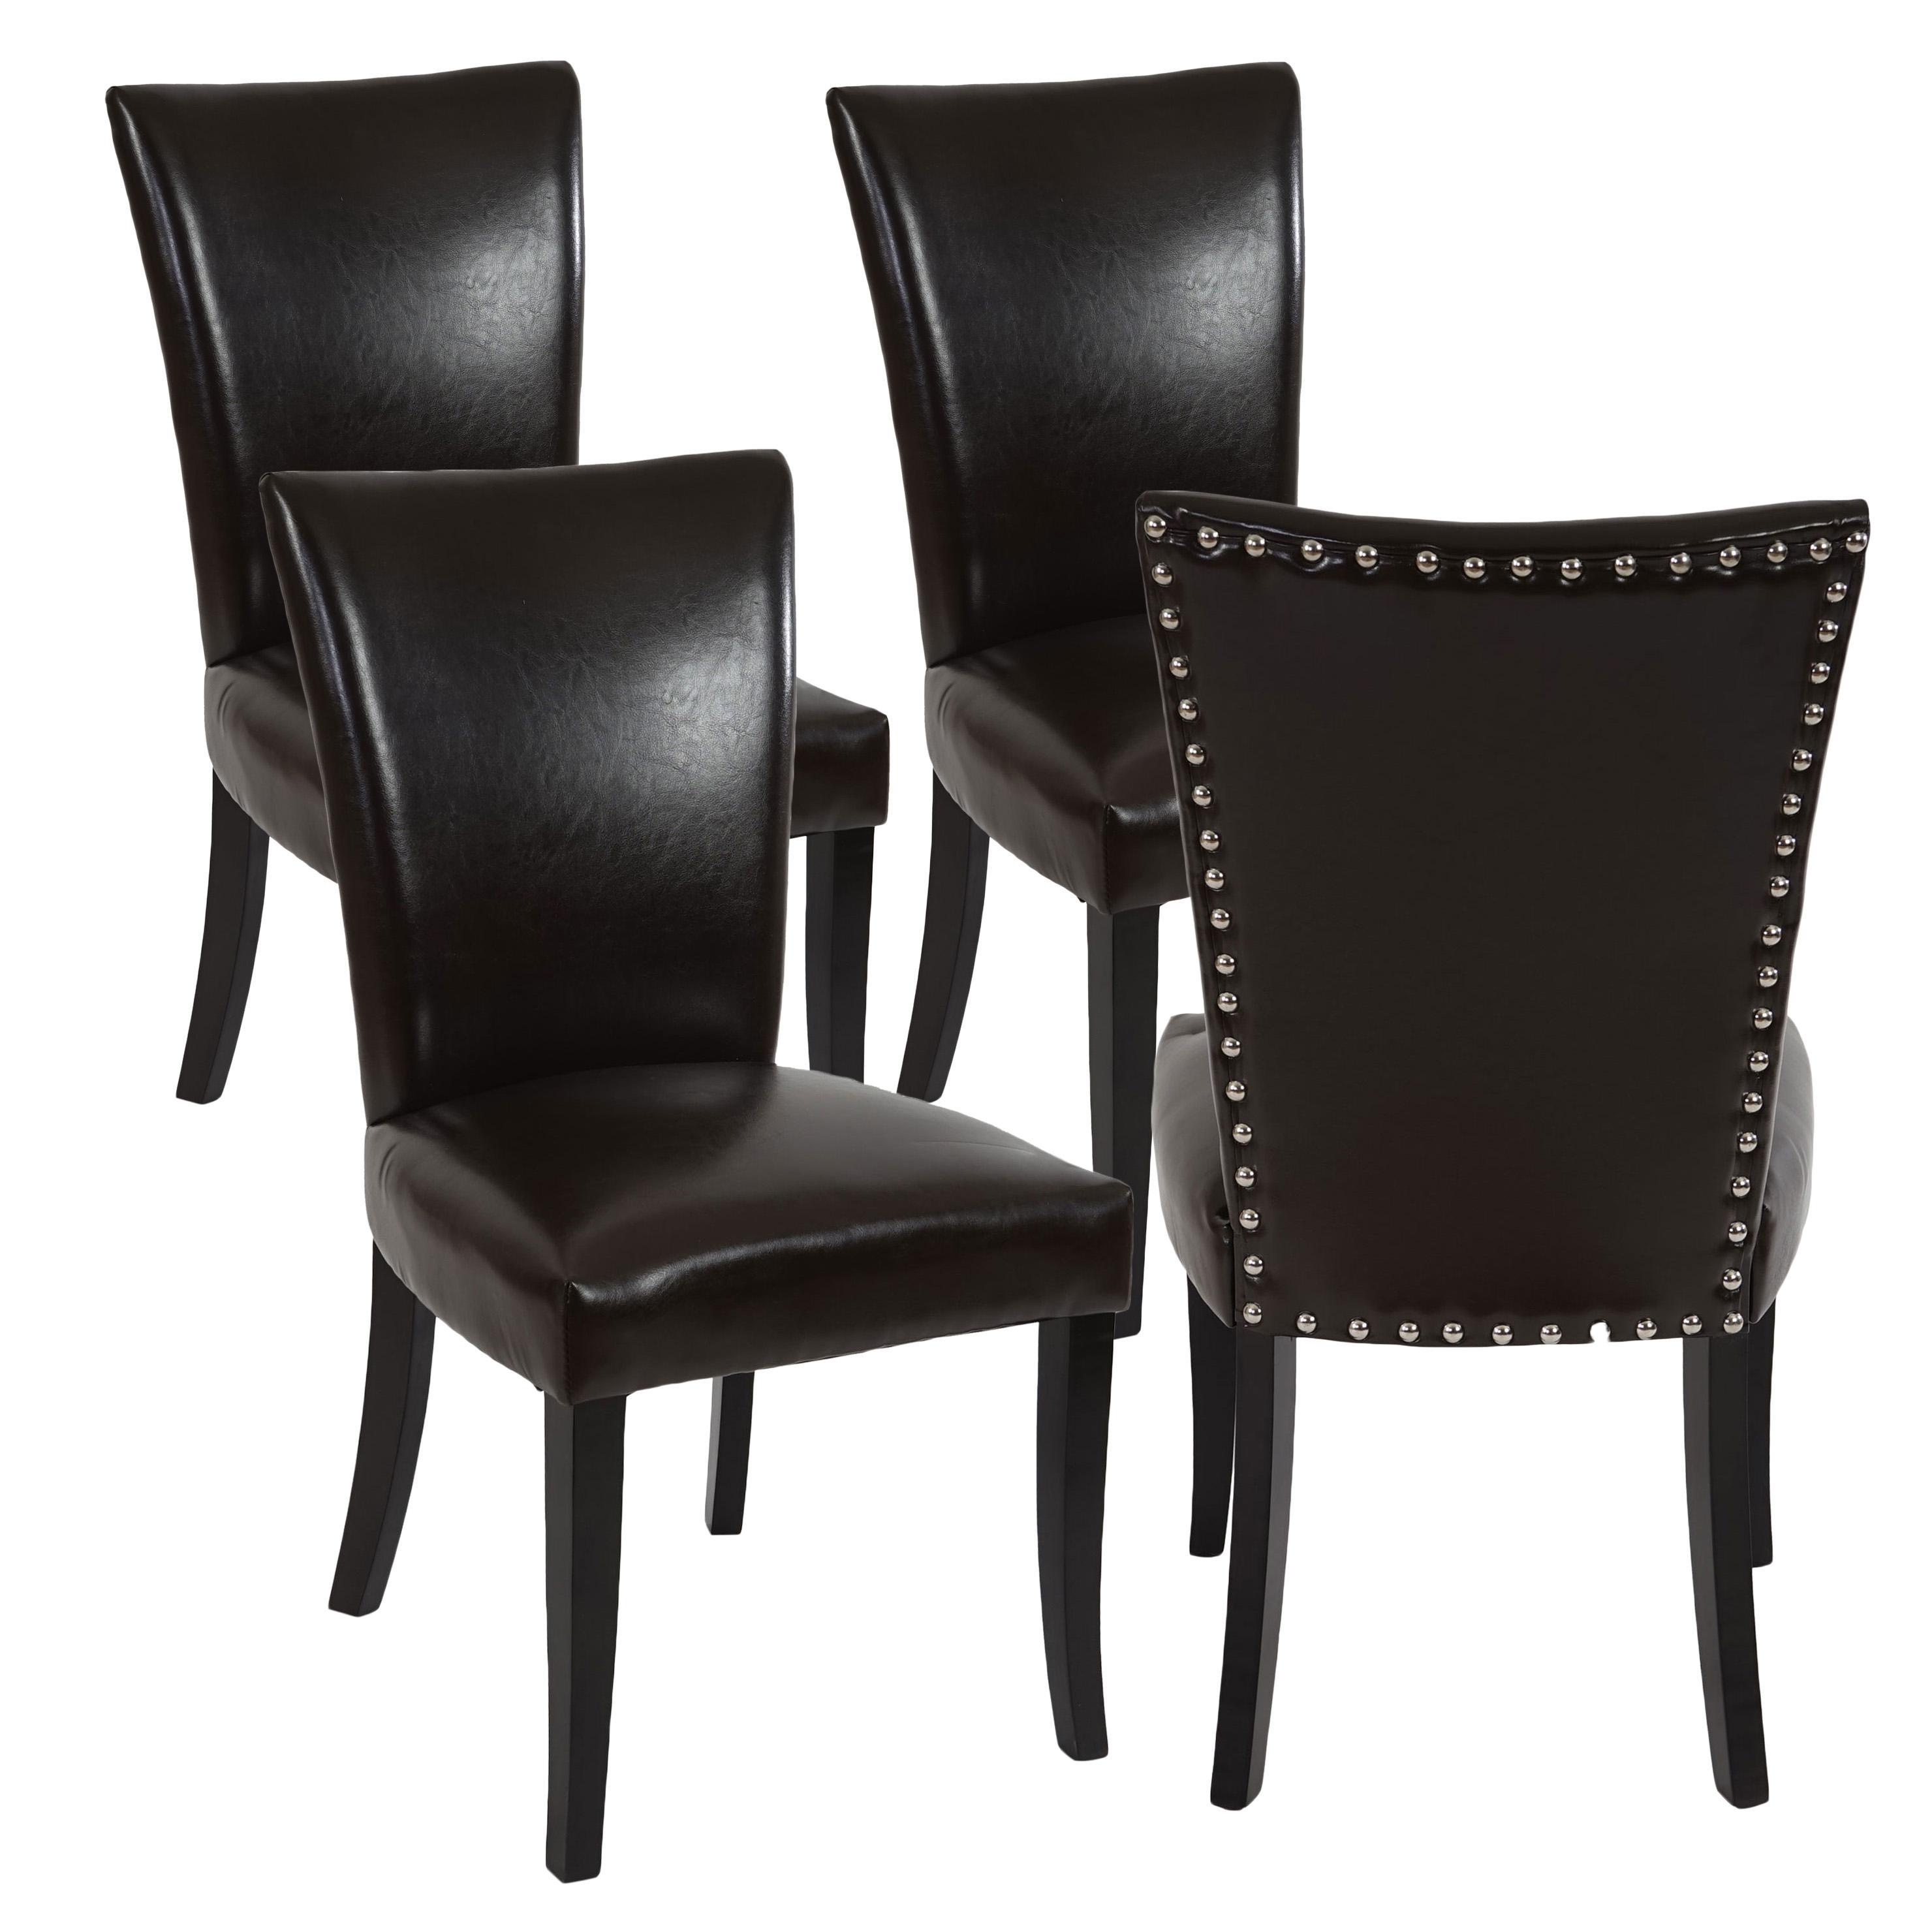 Lote de 6 sillas de comedor AUGUSTO, piel marrón y patas oscuras ...